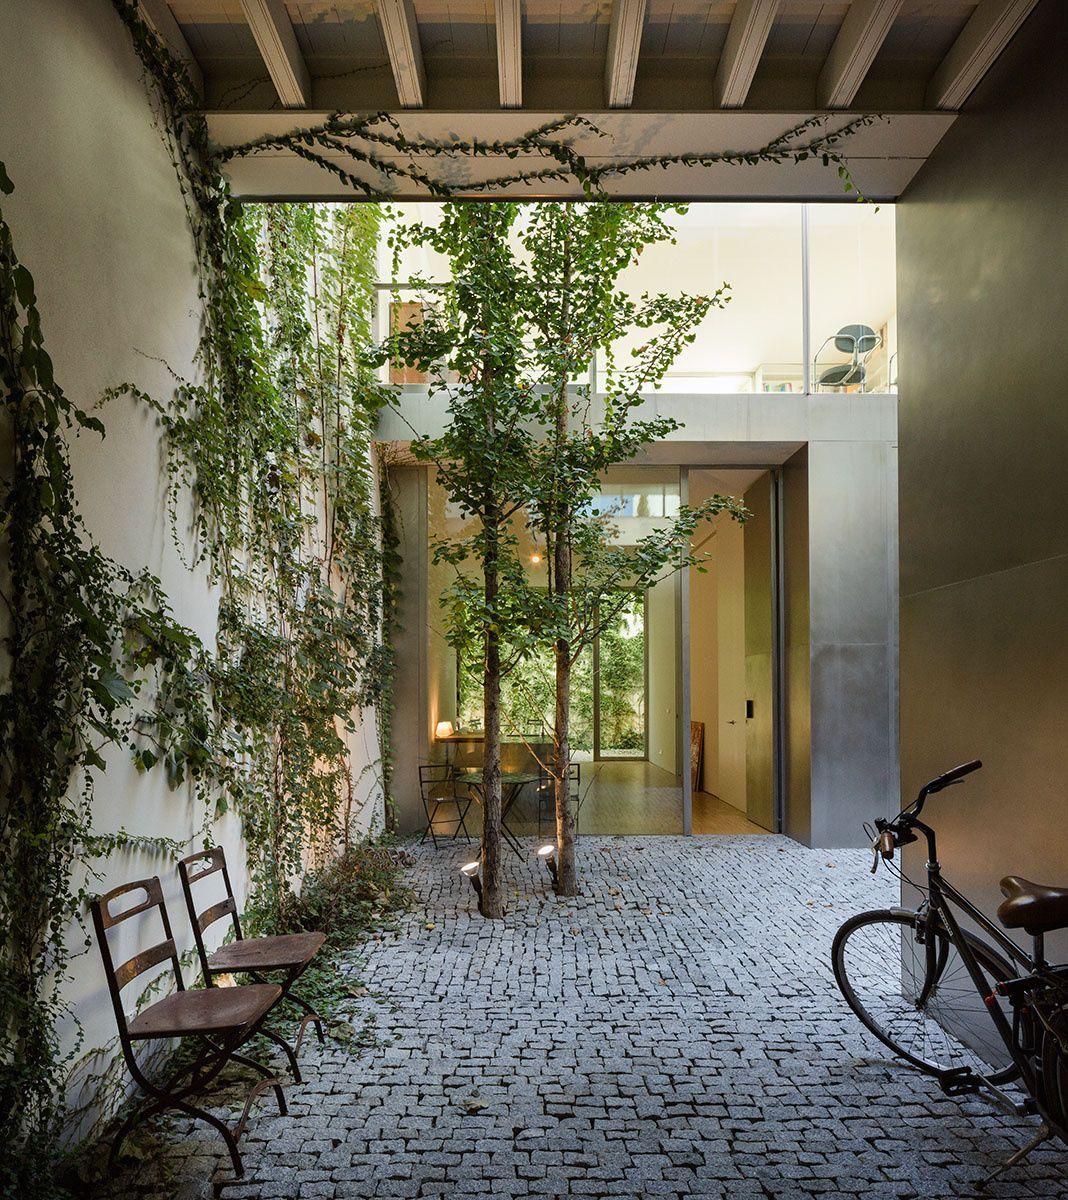 Interior Courtyard Garden Home: Harald Schönegger . Inmaculada González . + Photos